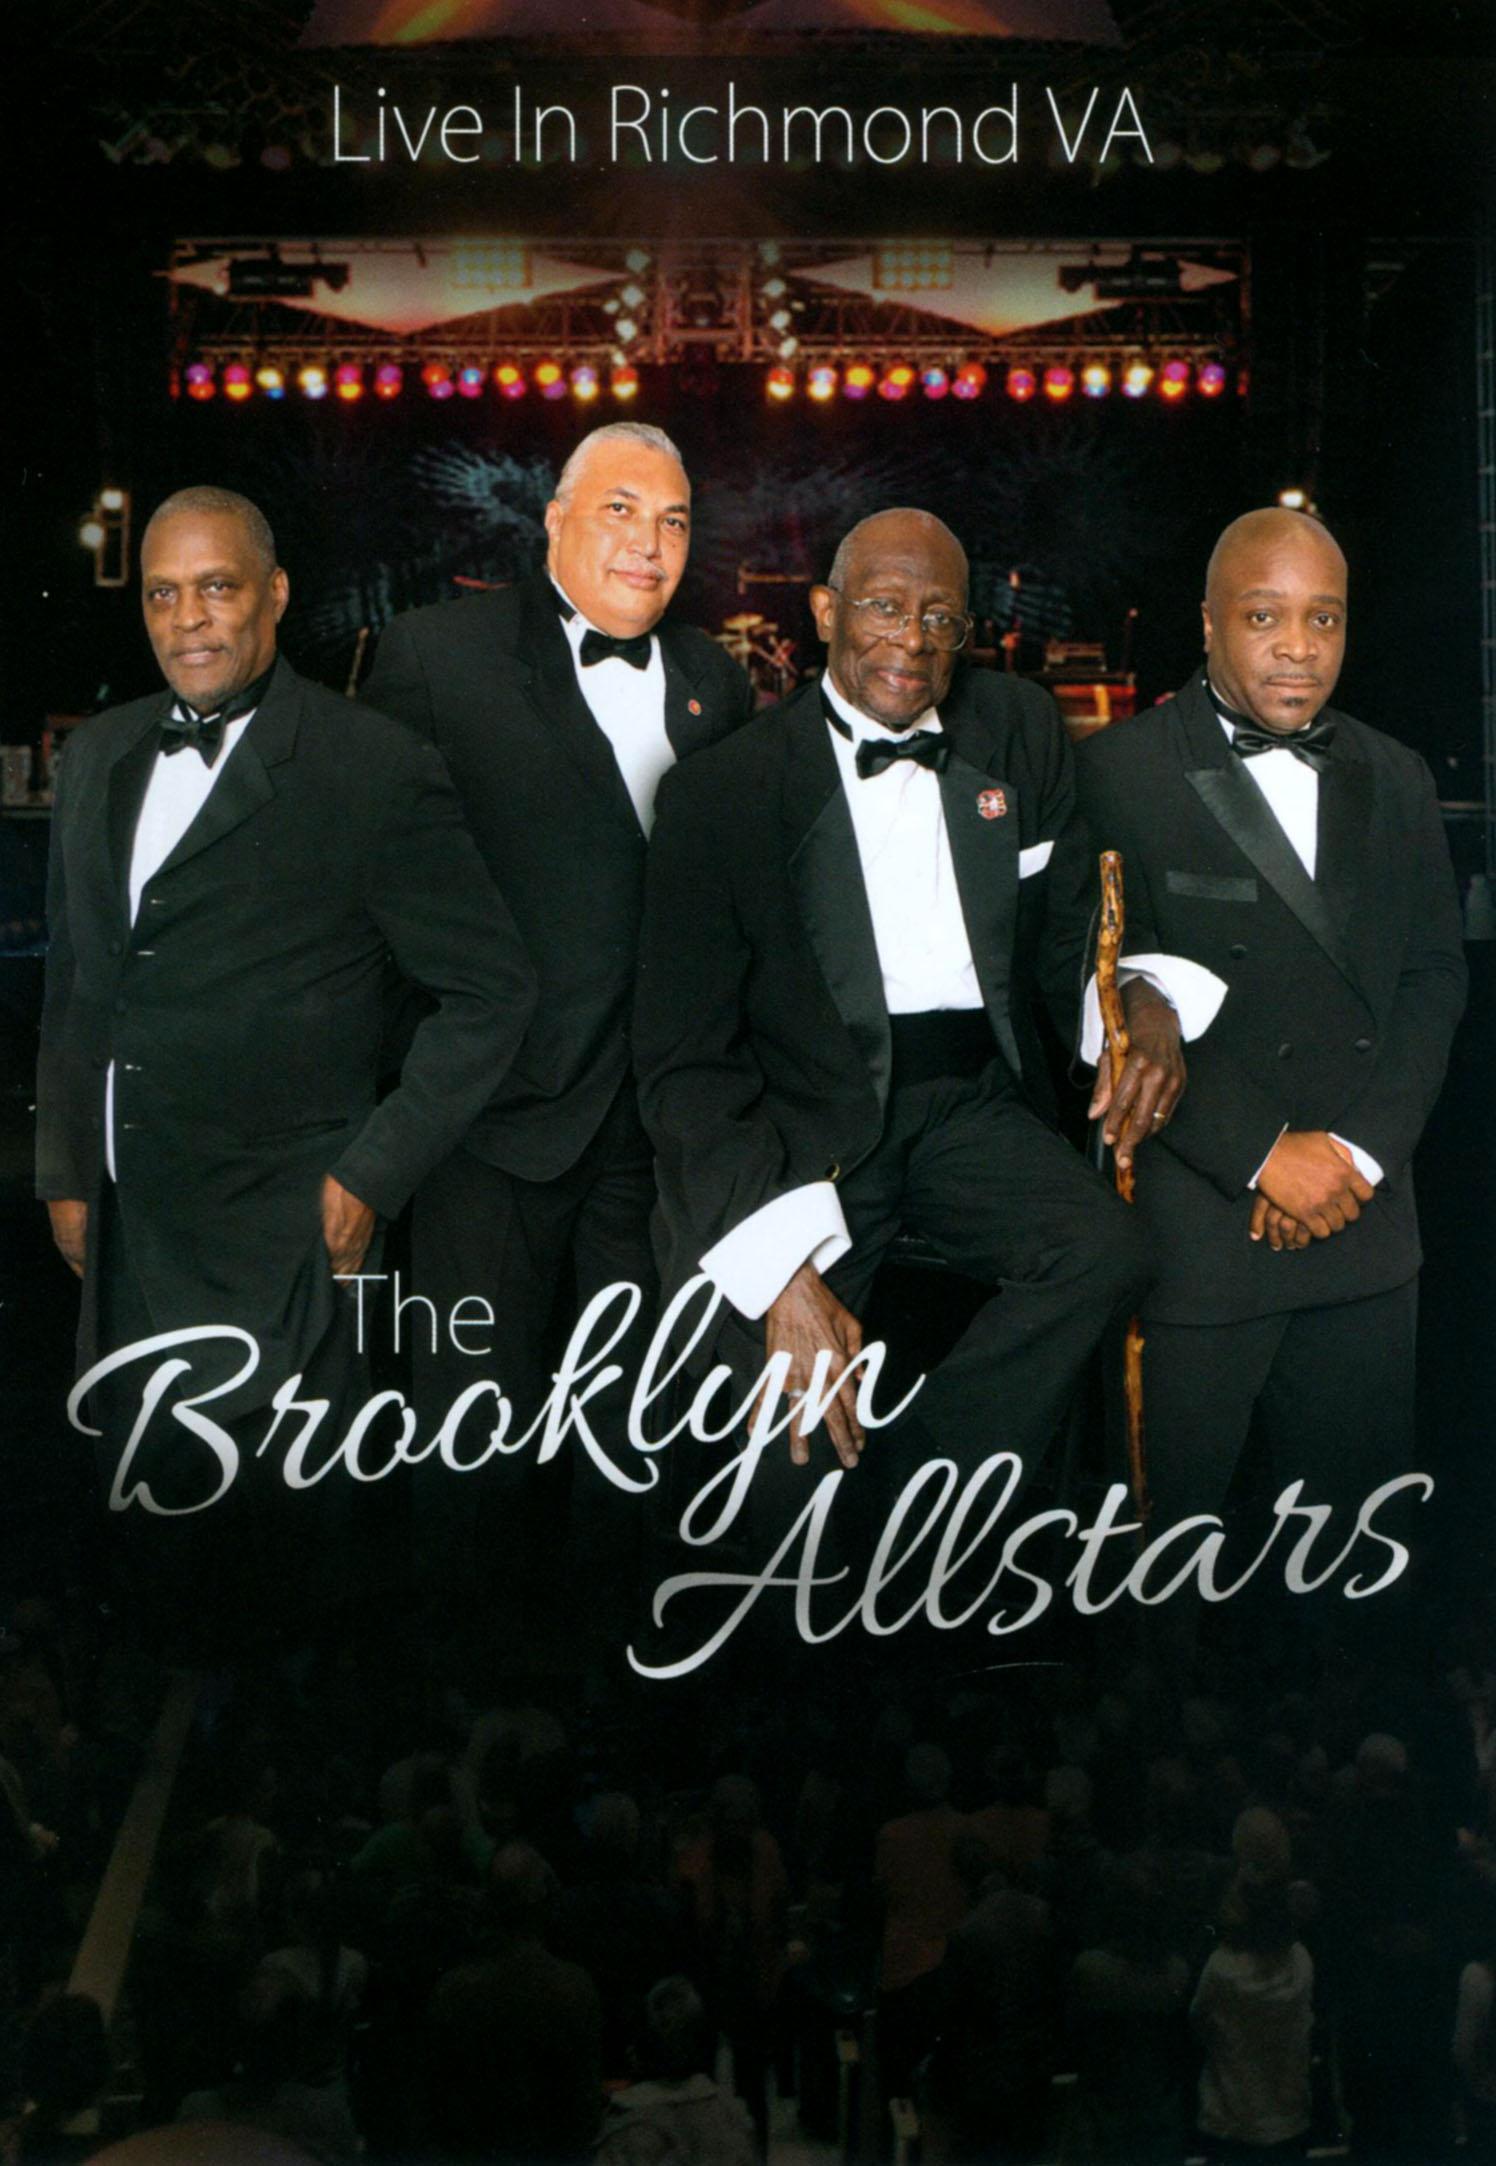 The Brooklyn Allstars: Live in Richmond, VA